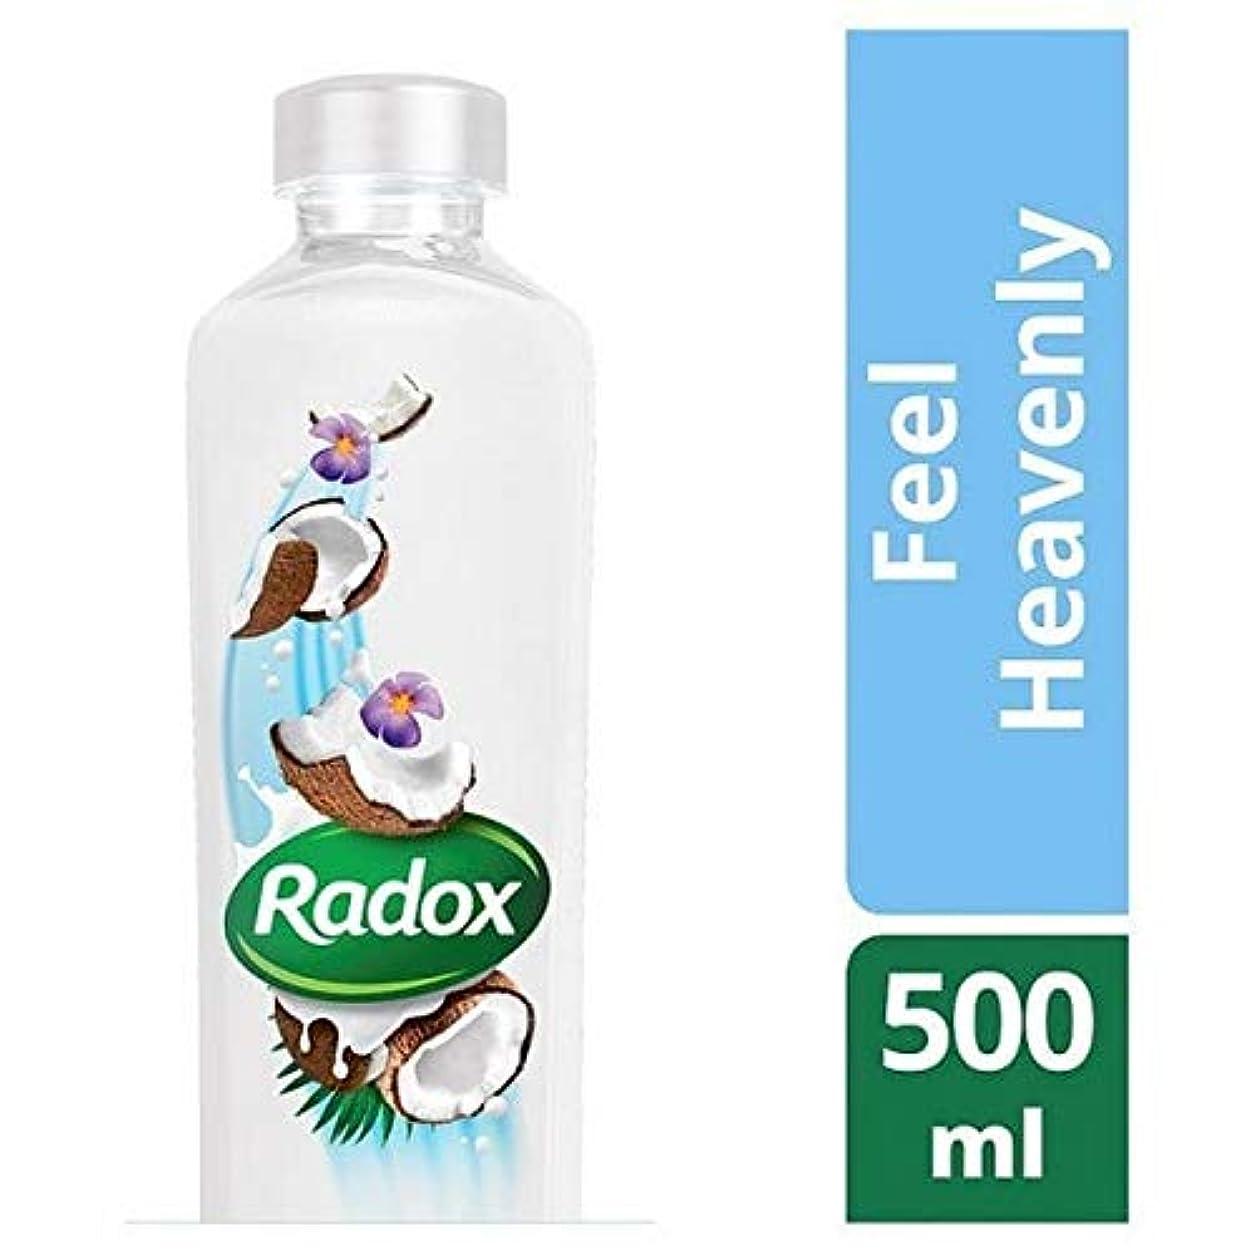 とても数脆い[Radox] Radoxは天国の500ミリリットルを感じます - Radox Feel Heavenly 500ml [並行輸入品]